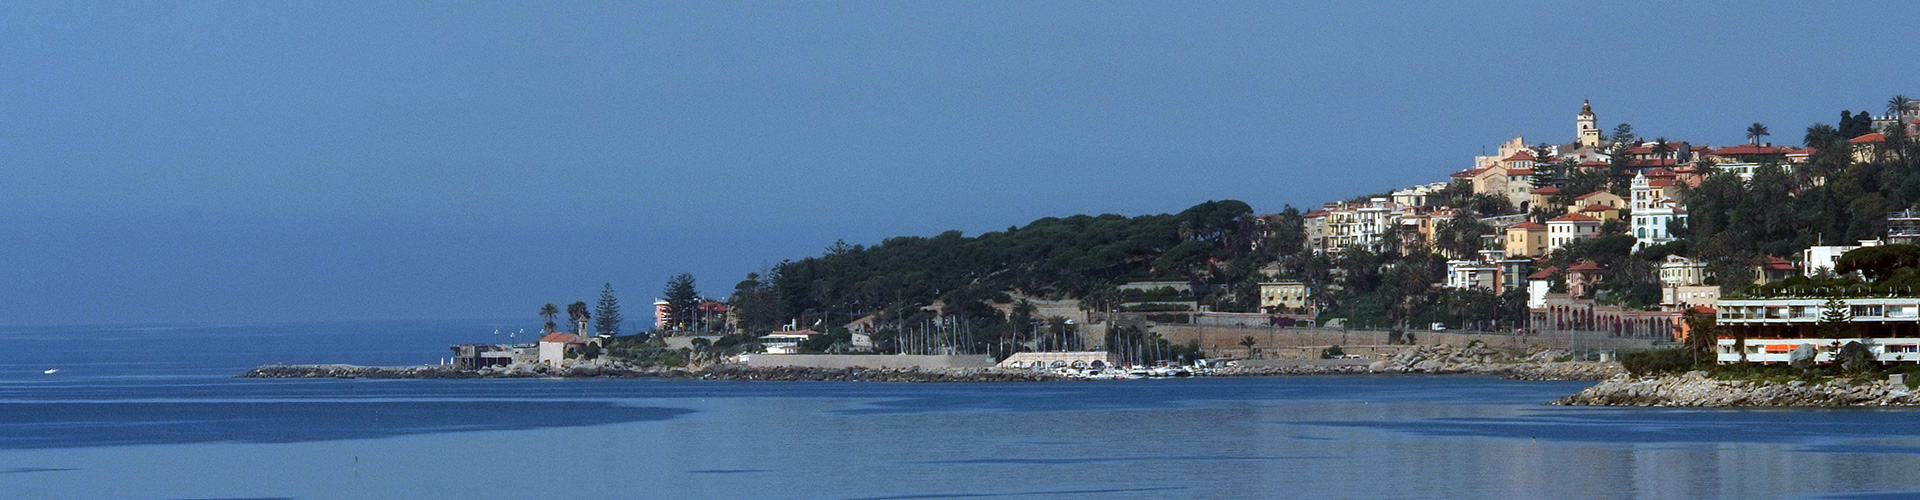 Un tuffo nell'angolo più a sud della Liguria